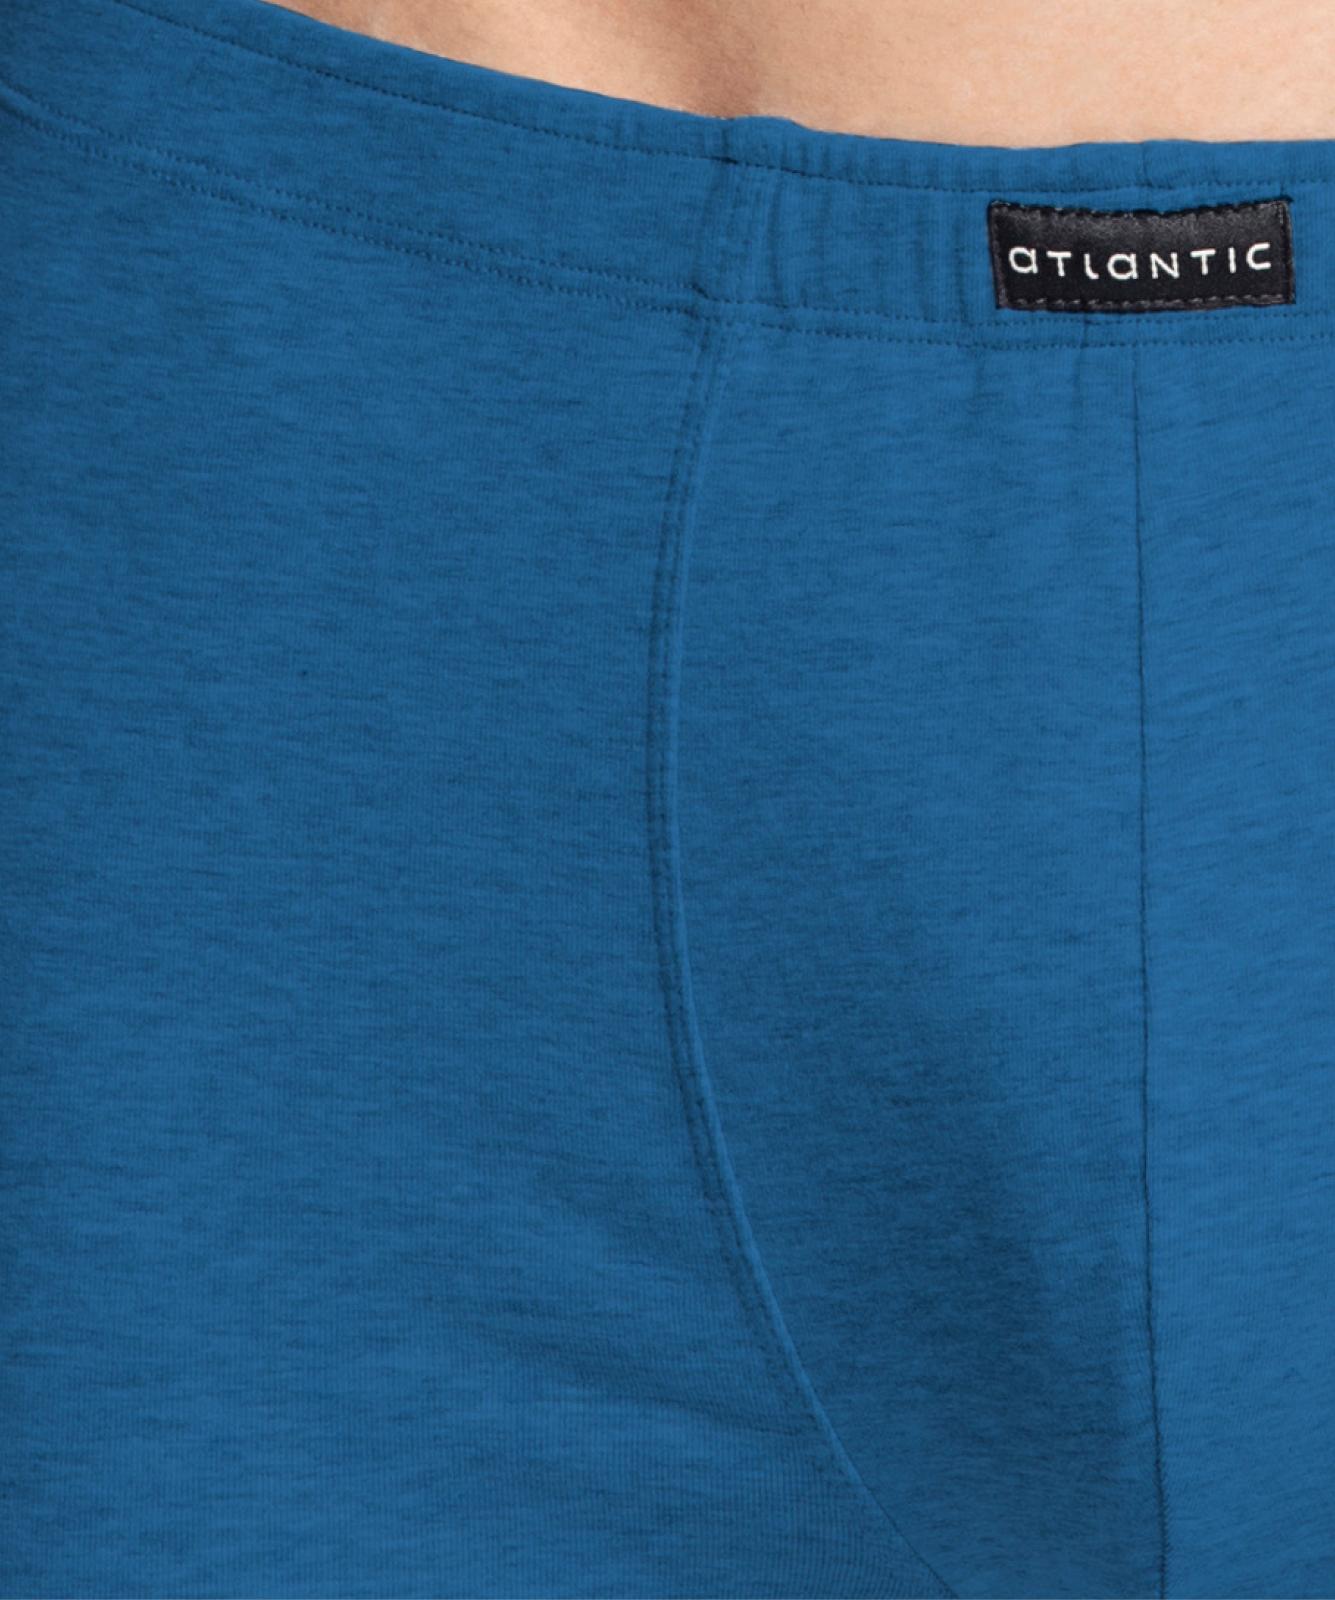 Мужские трусы шорты Atlantic, набор из 3 шт., хлопок, темно-синие + голубой меланж + деним, 3MH-008